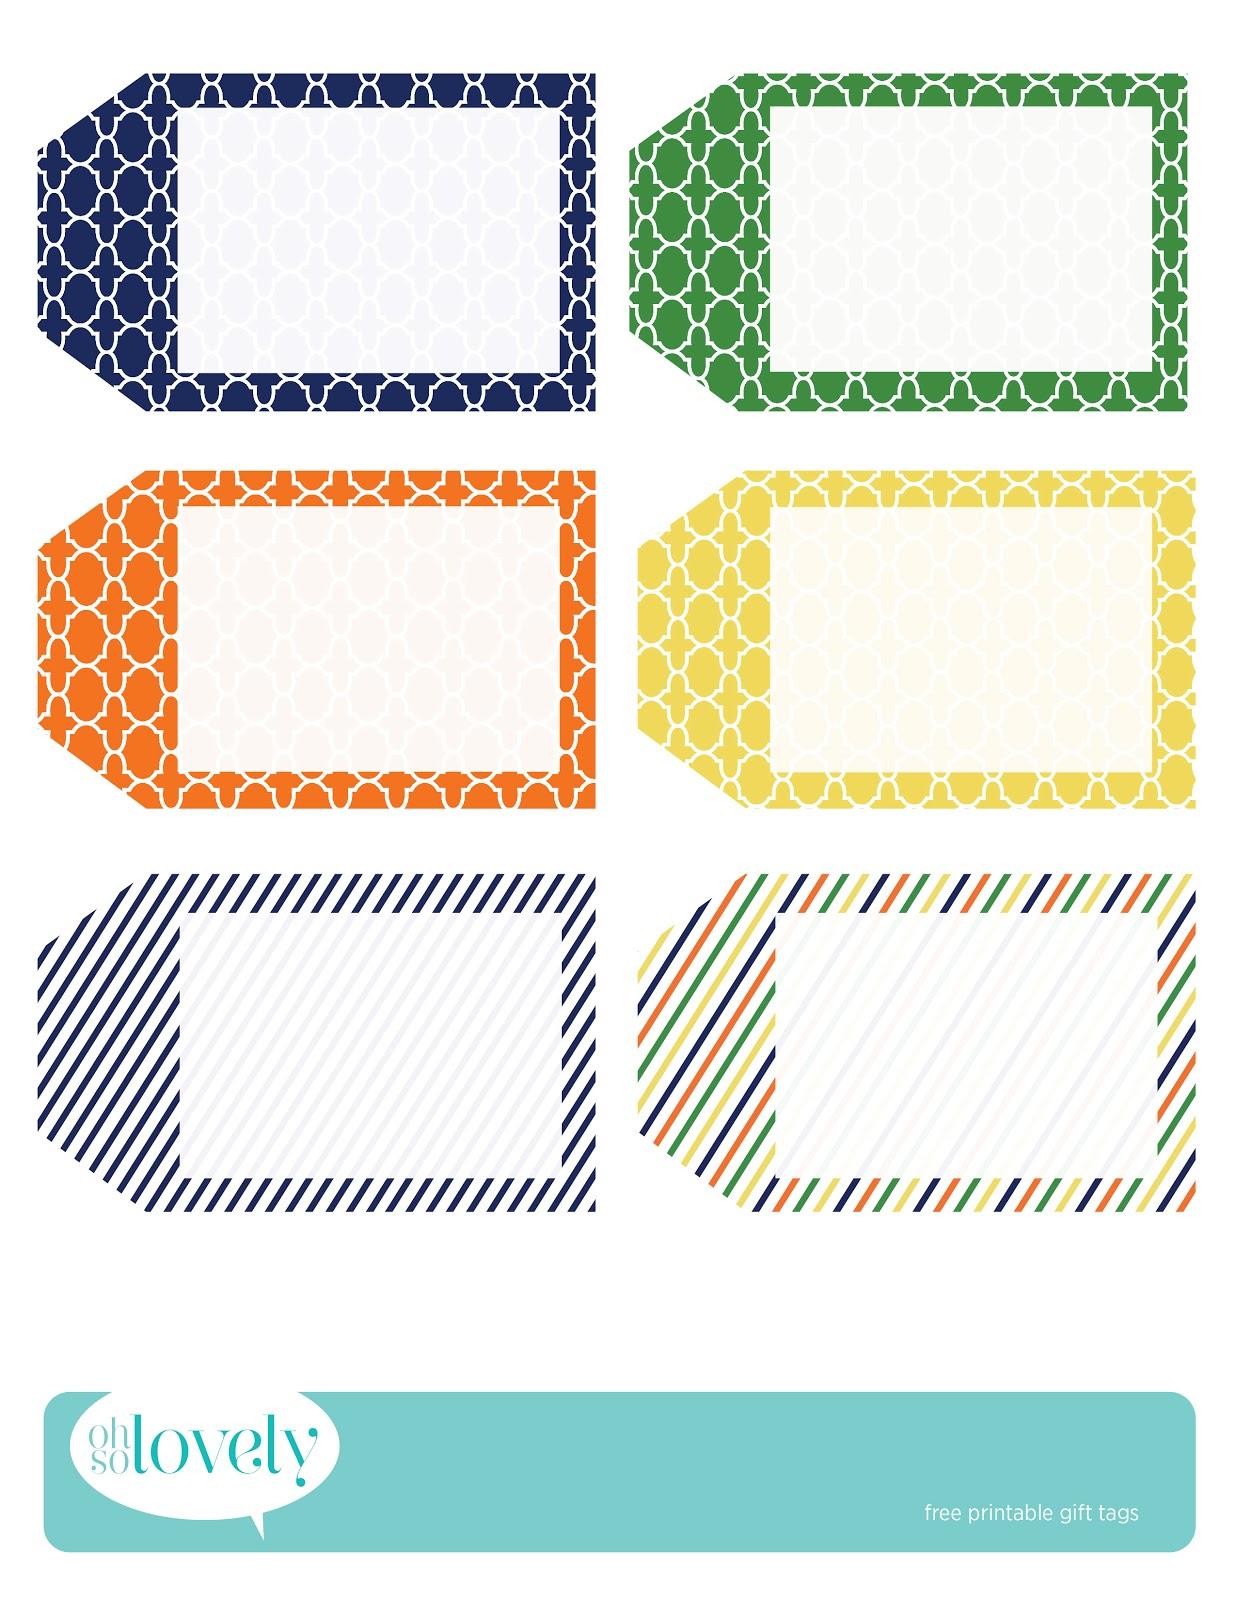 022 Printable Gift Tags Templates Birthday Tag Template ~ Ulyssesroom - Free Printable Blank Gift Tags